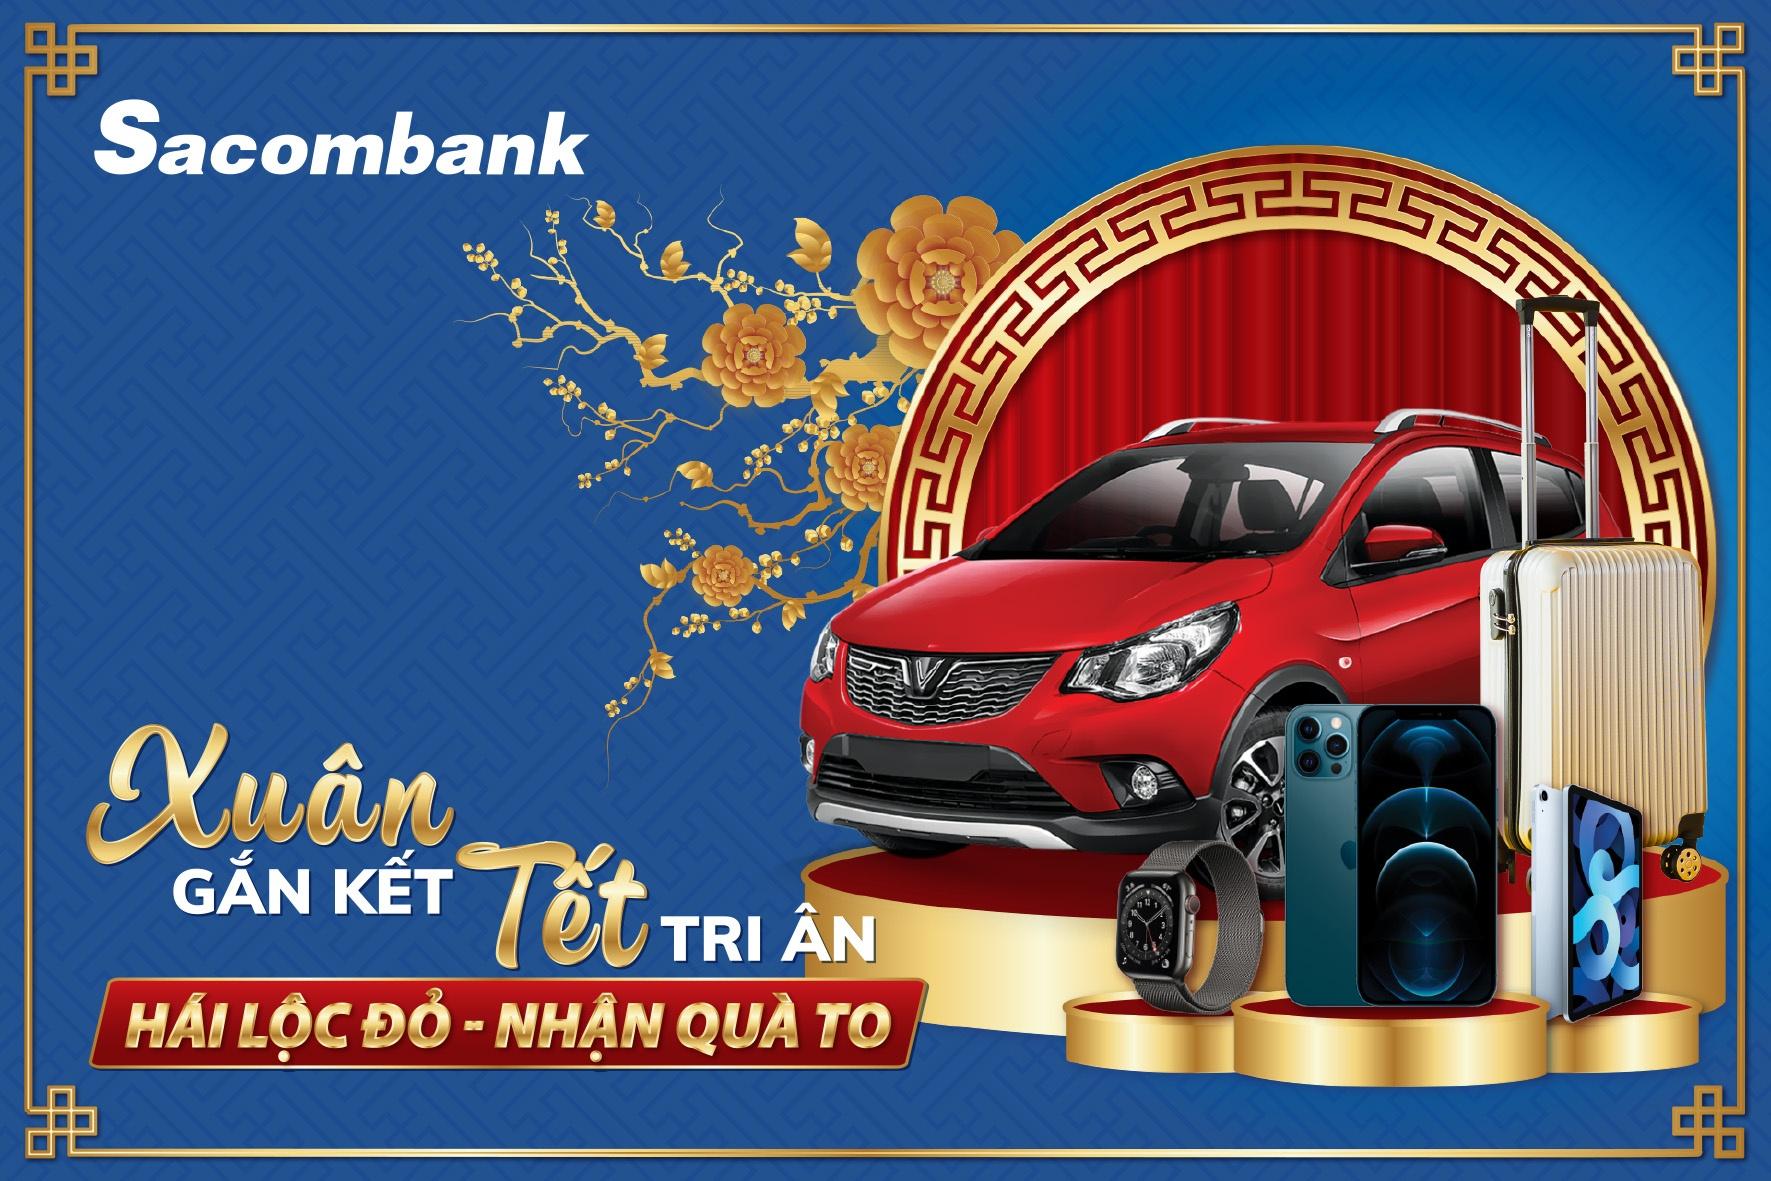 """Sacombank tặng khách hàng 8 xe ô tô trong chương trình """"Xuân gắn kết - Tết tri ân"""""""